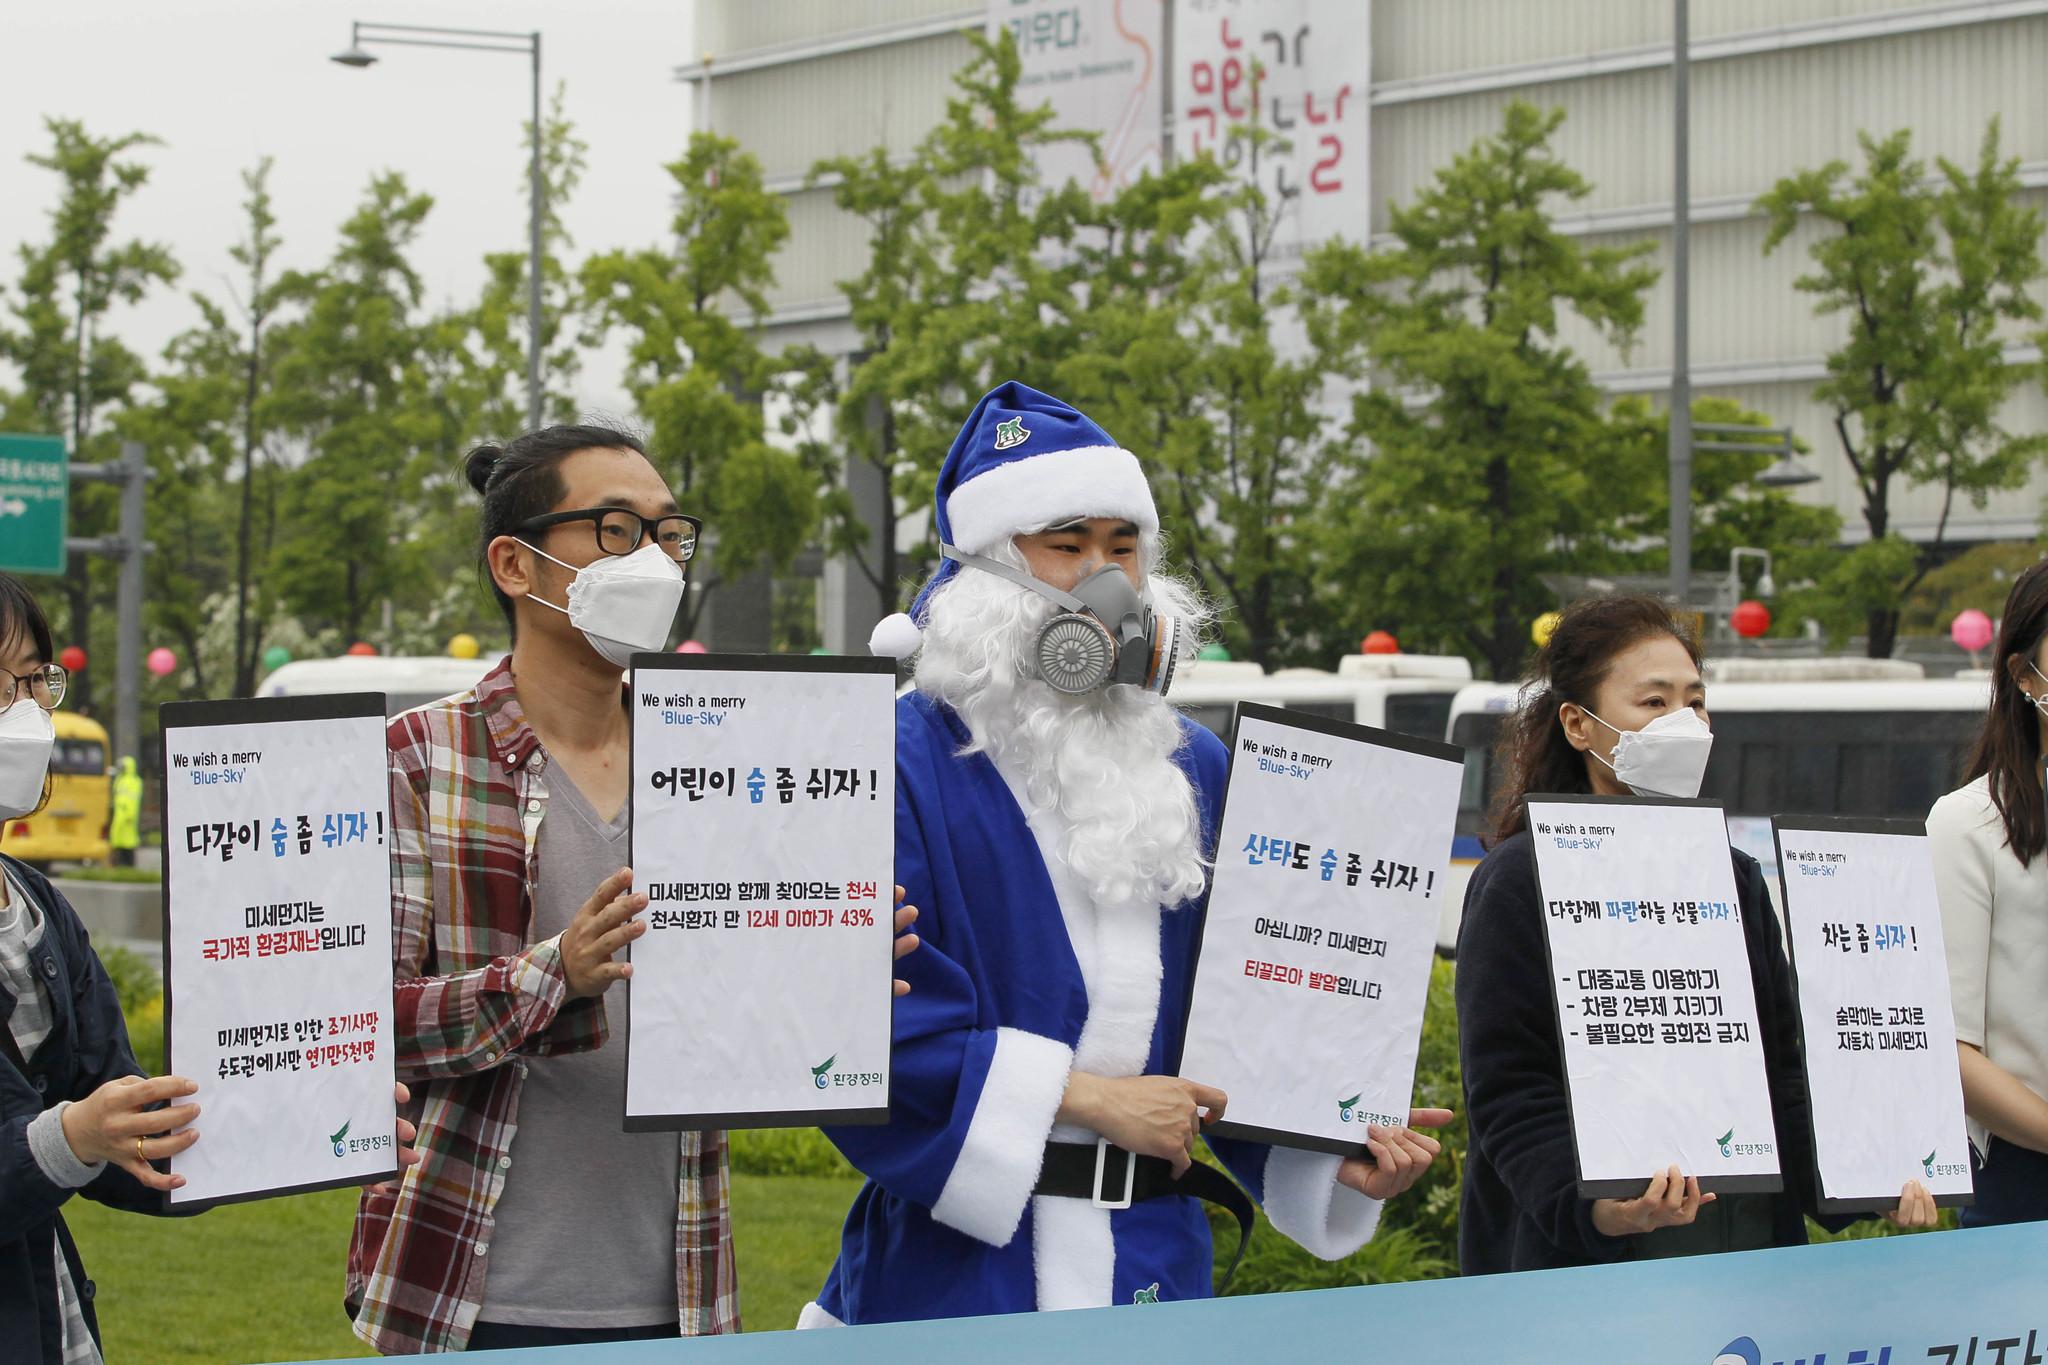 1998년 세계천식기구에서 5월 첫째 화요일을 천식의 날로 정했다. 이날을 기념해 2016년 5월 3일 환경정의 회원들이 서울 광화문광장에서 미세먼지의 위험성을 알리고 어린이 건강을 지키기 위한 캠페인을 벌였다. 푸른 하늘을 선물하자는 의미로 파란색 산타복을 입고 기자회견을 하고 있다. [중앙포토]